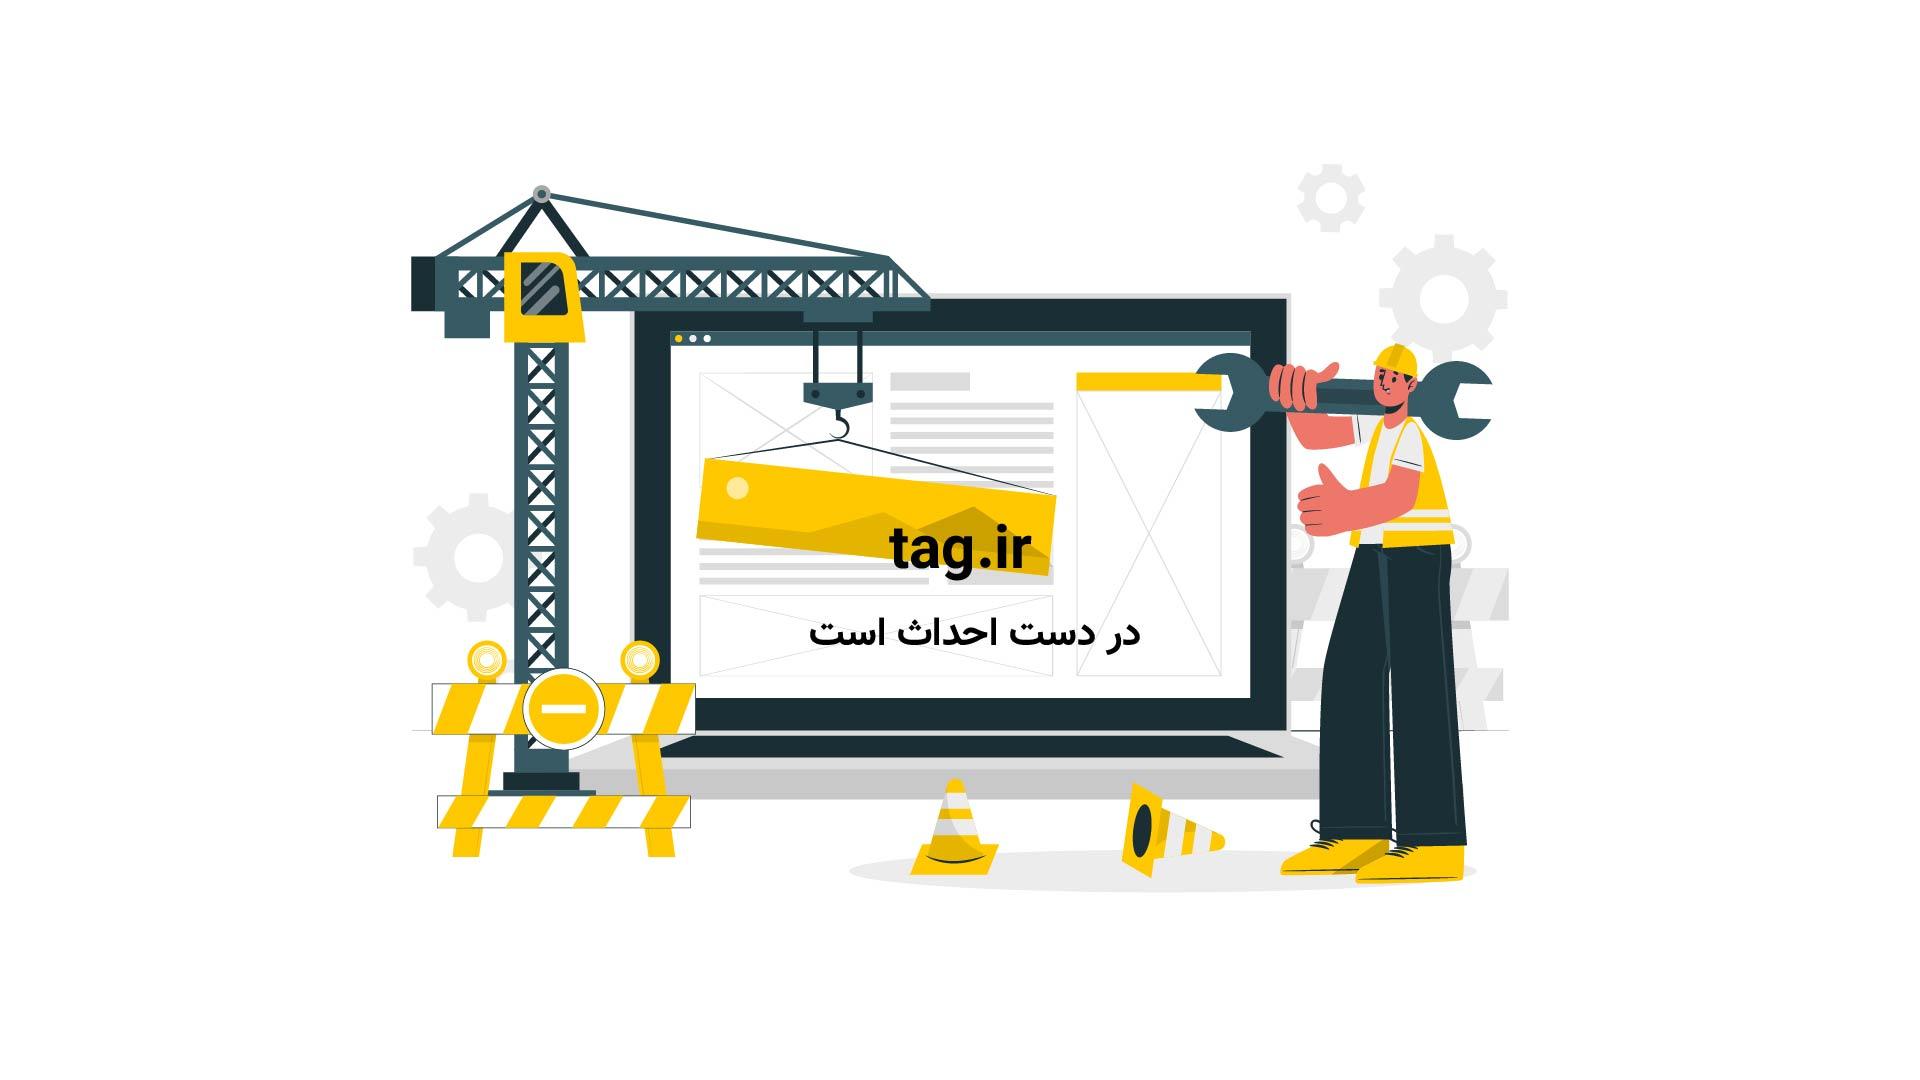 منظومه شمسی | تگ